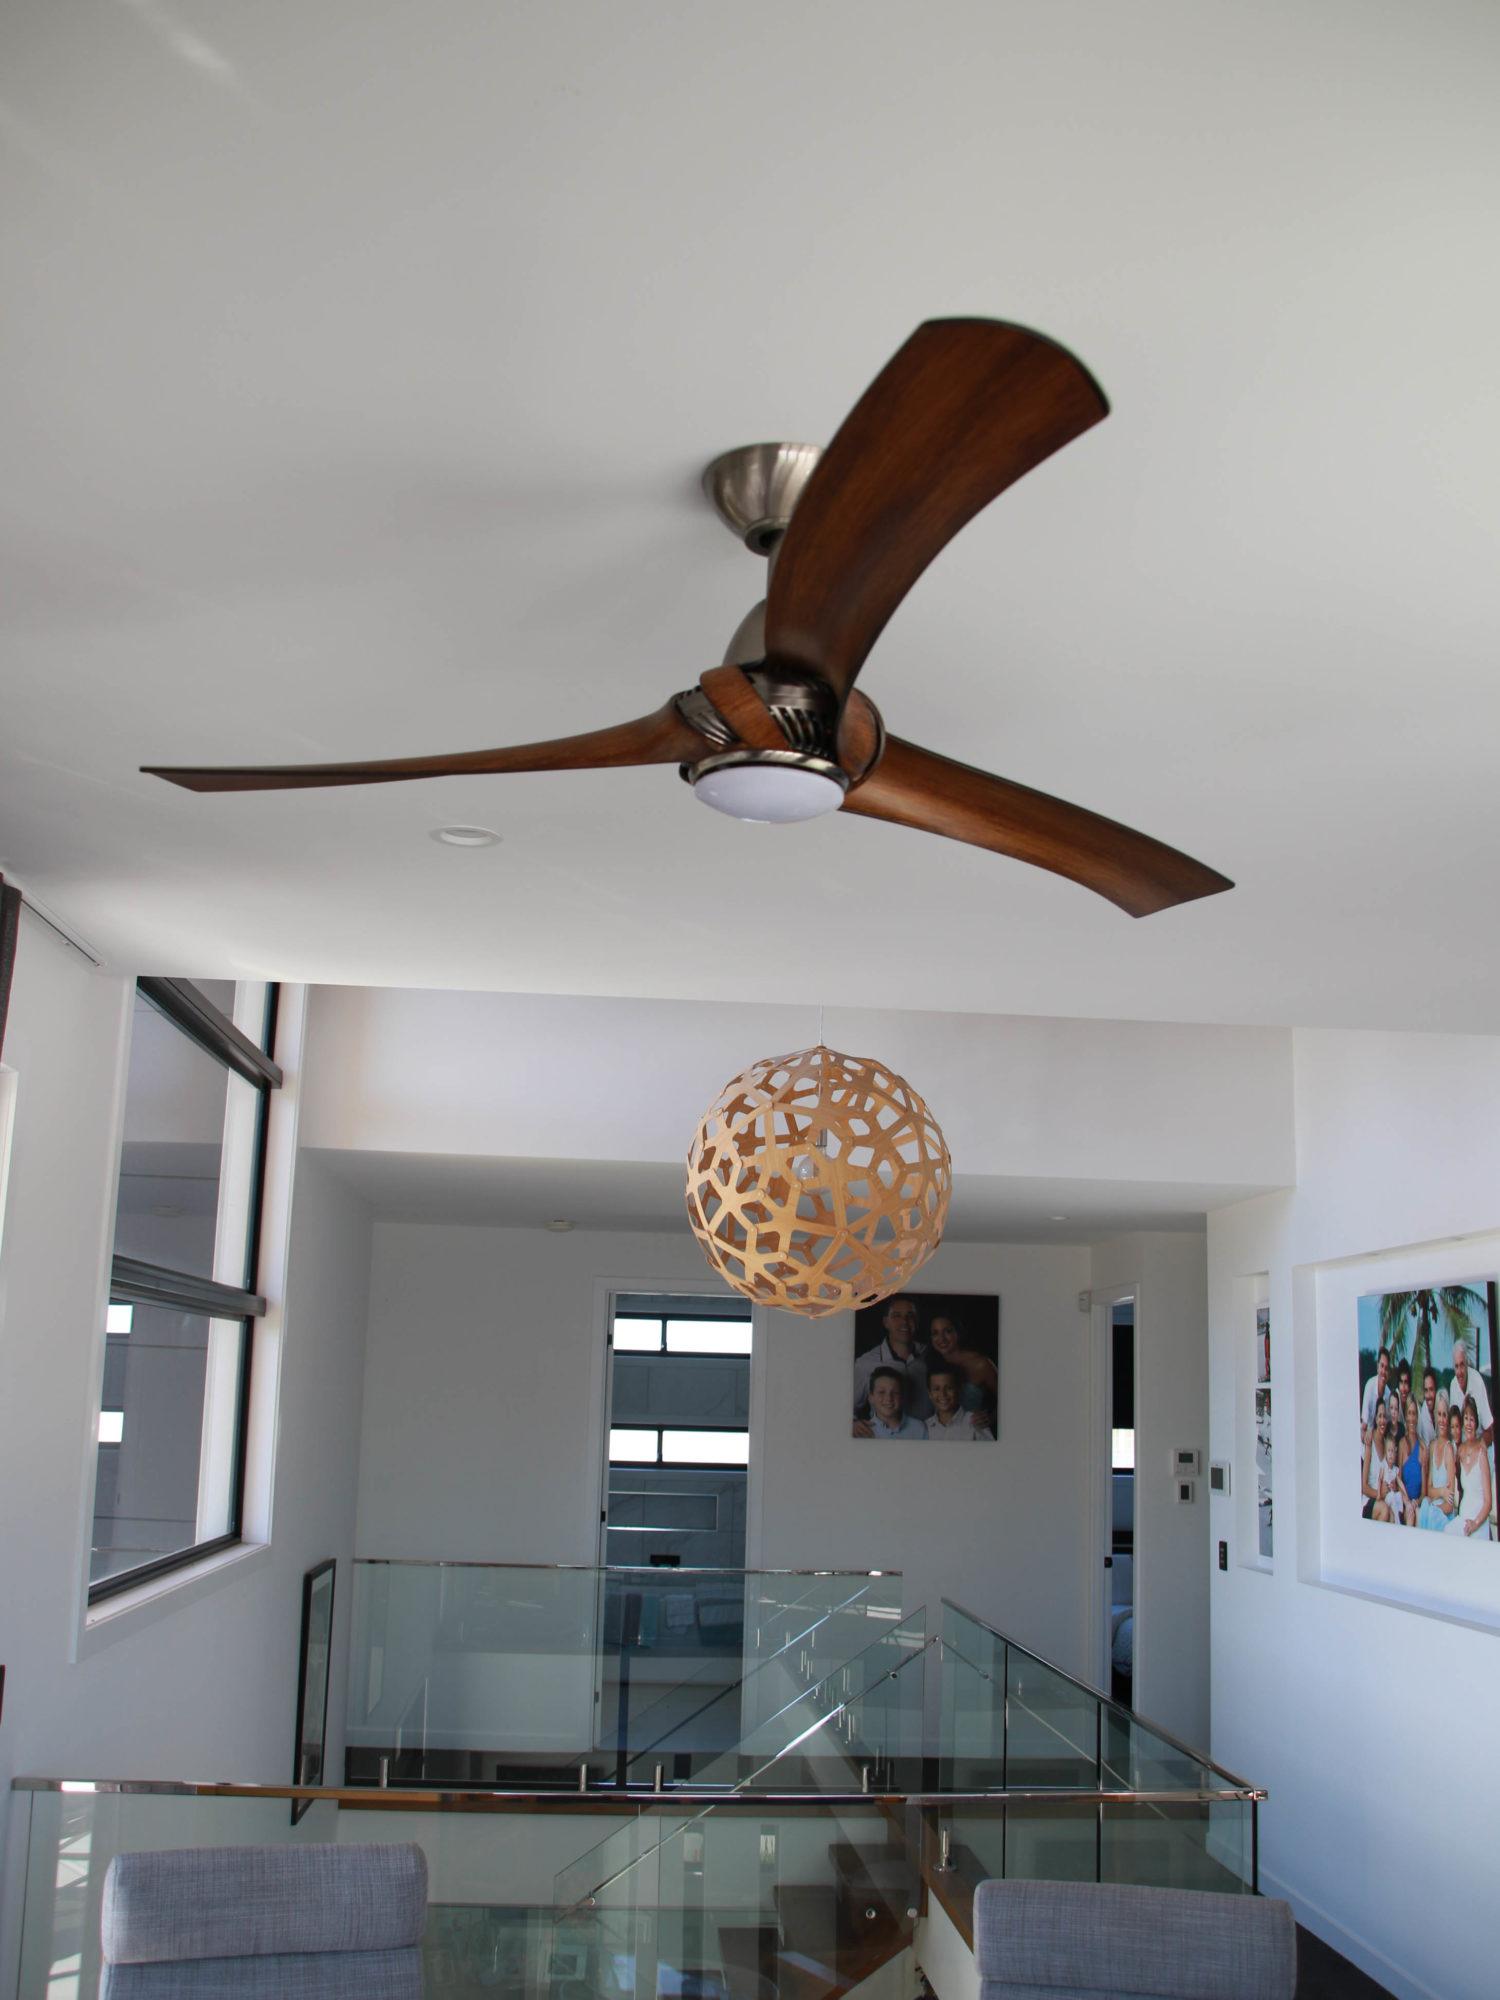 Arumi Ceiling Fan 22